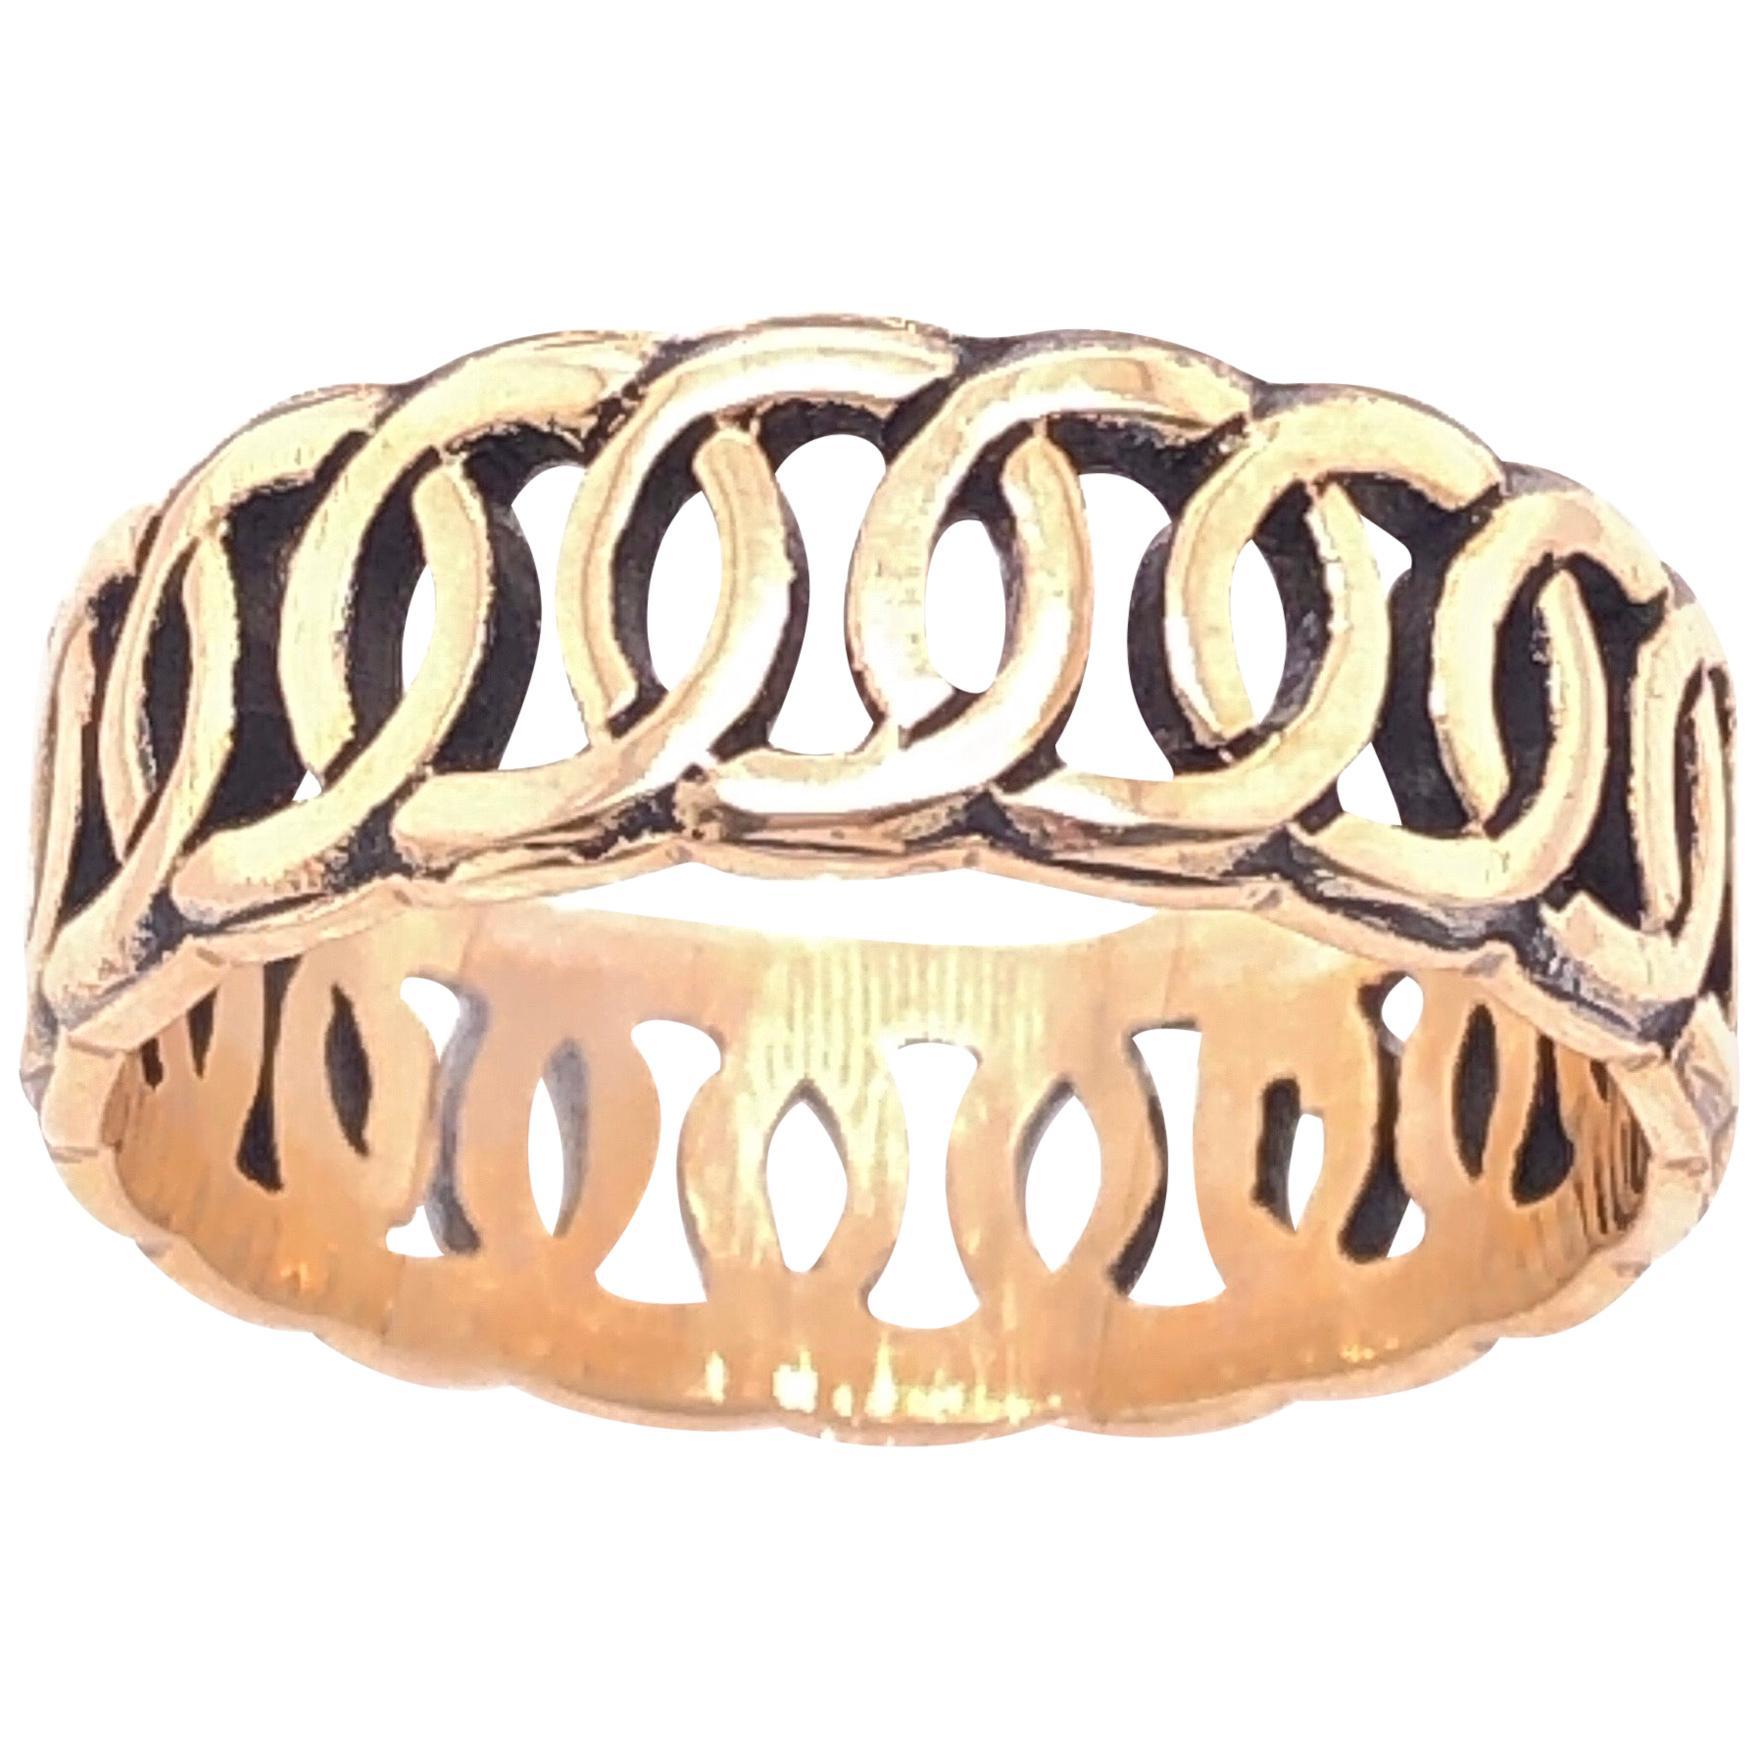 14 Karat Yellow Gold Band/Wedding Ring